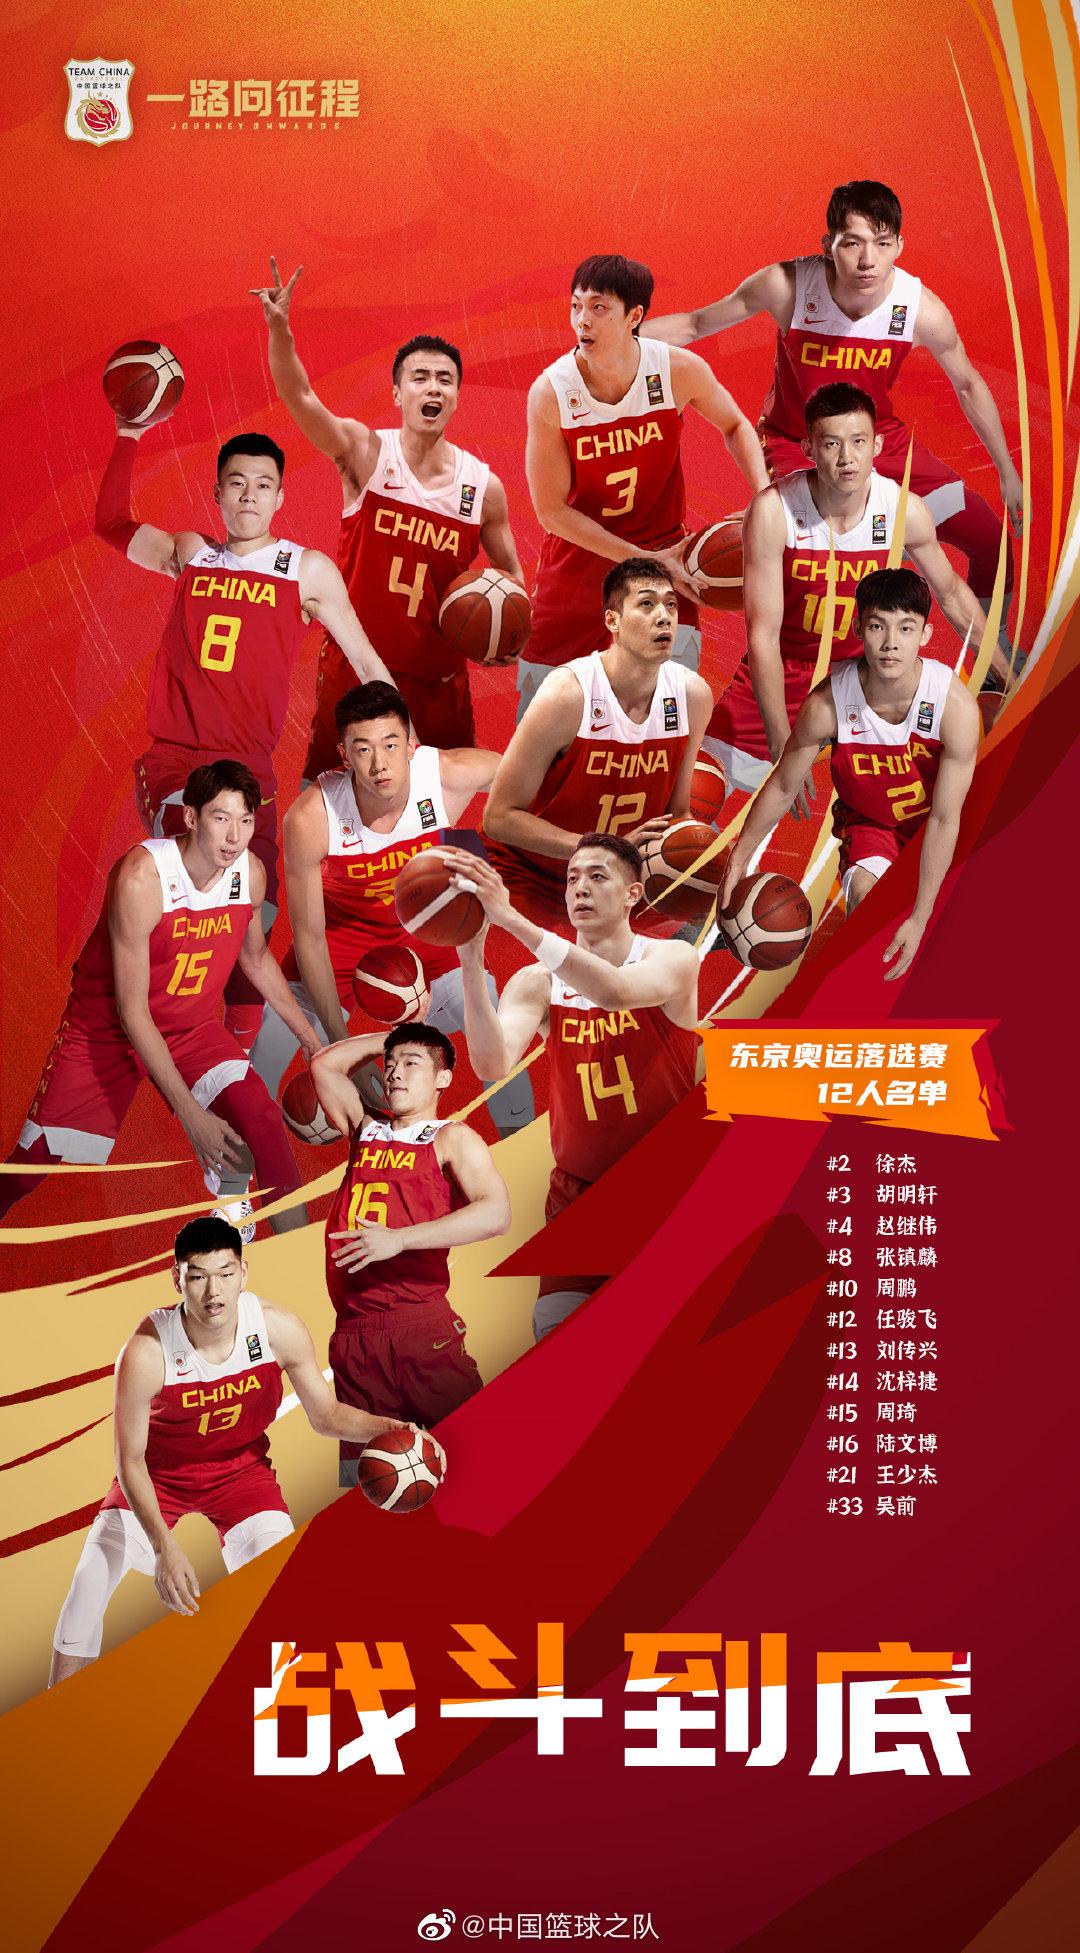 中国男篮奥运落选赛12人名单出炉 赵岩昊因伤落选